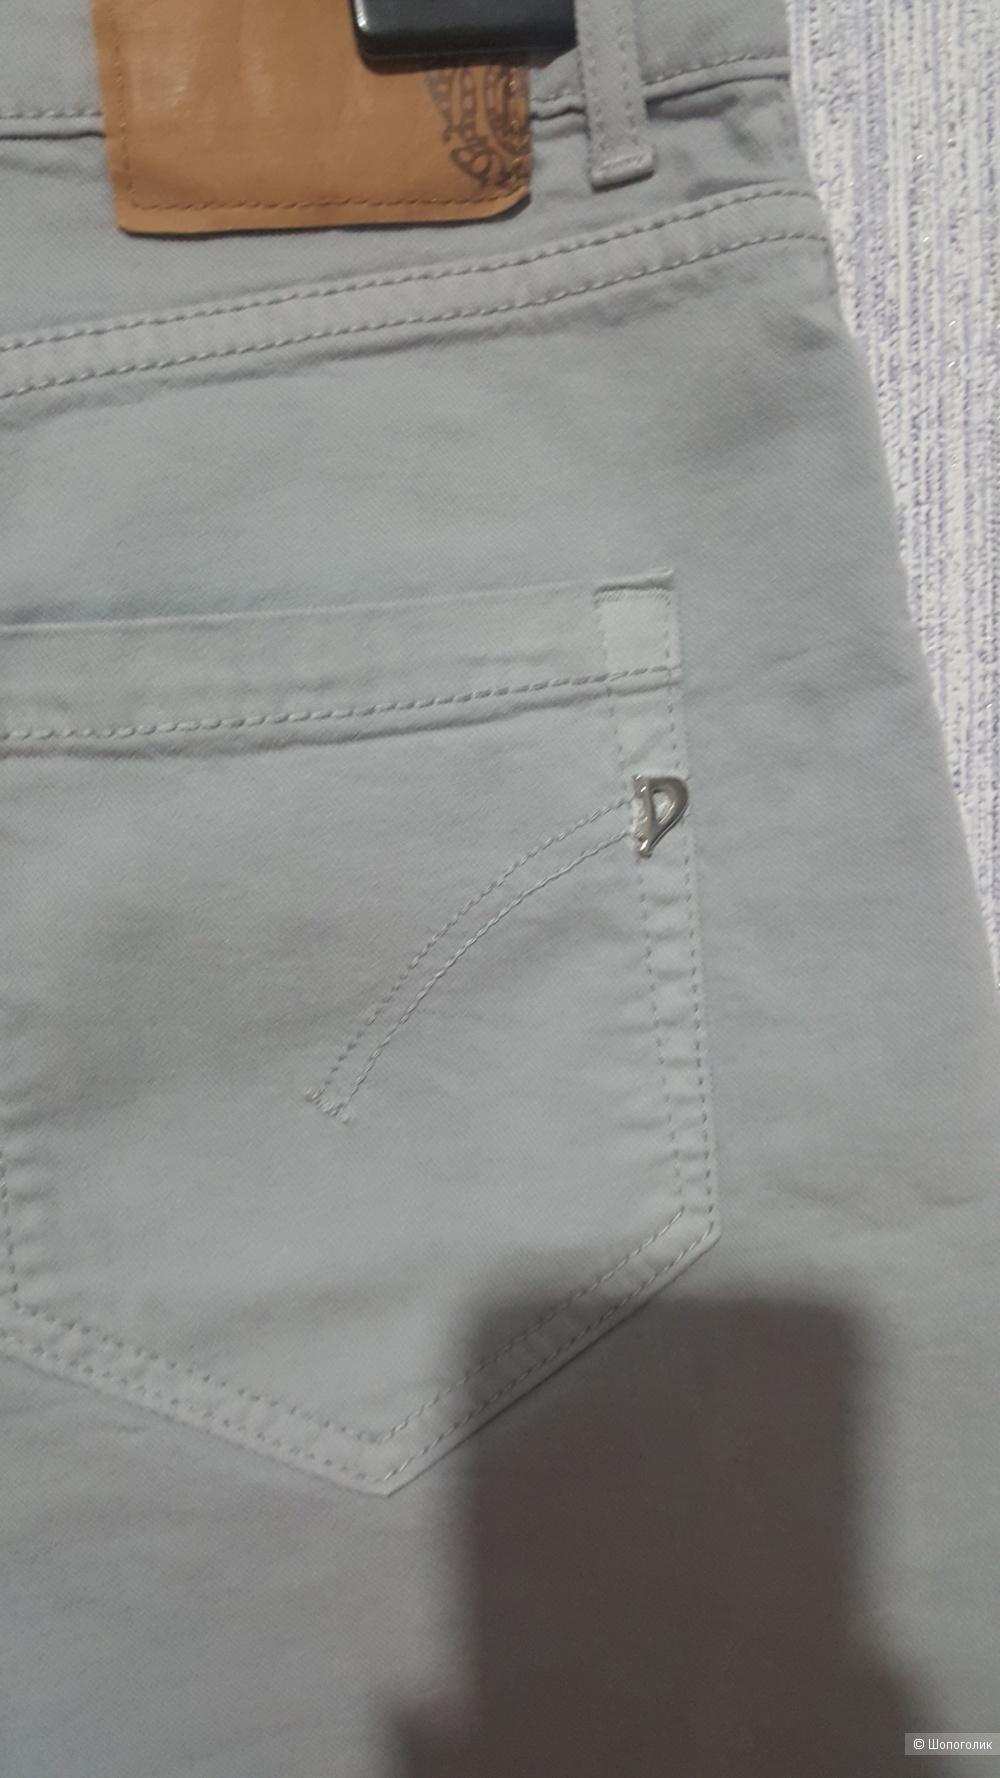 Шорты бермуды Dondup 28 джинсовый размер